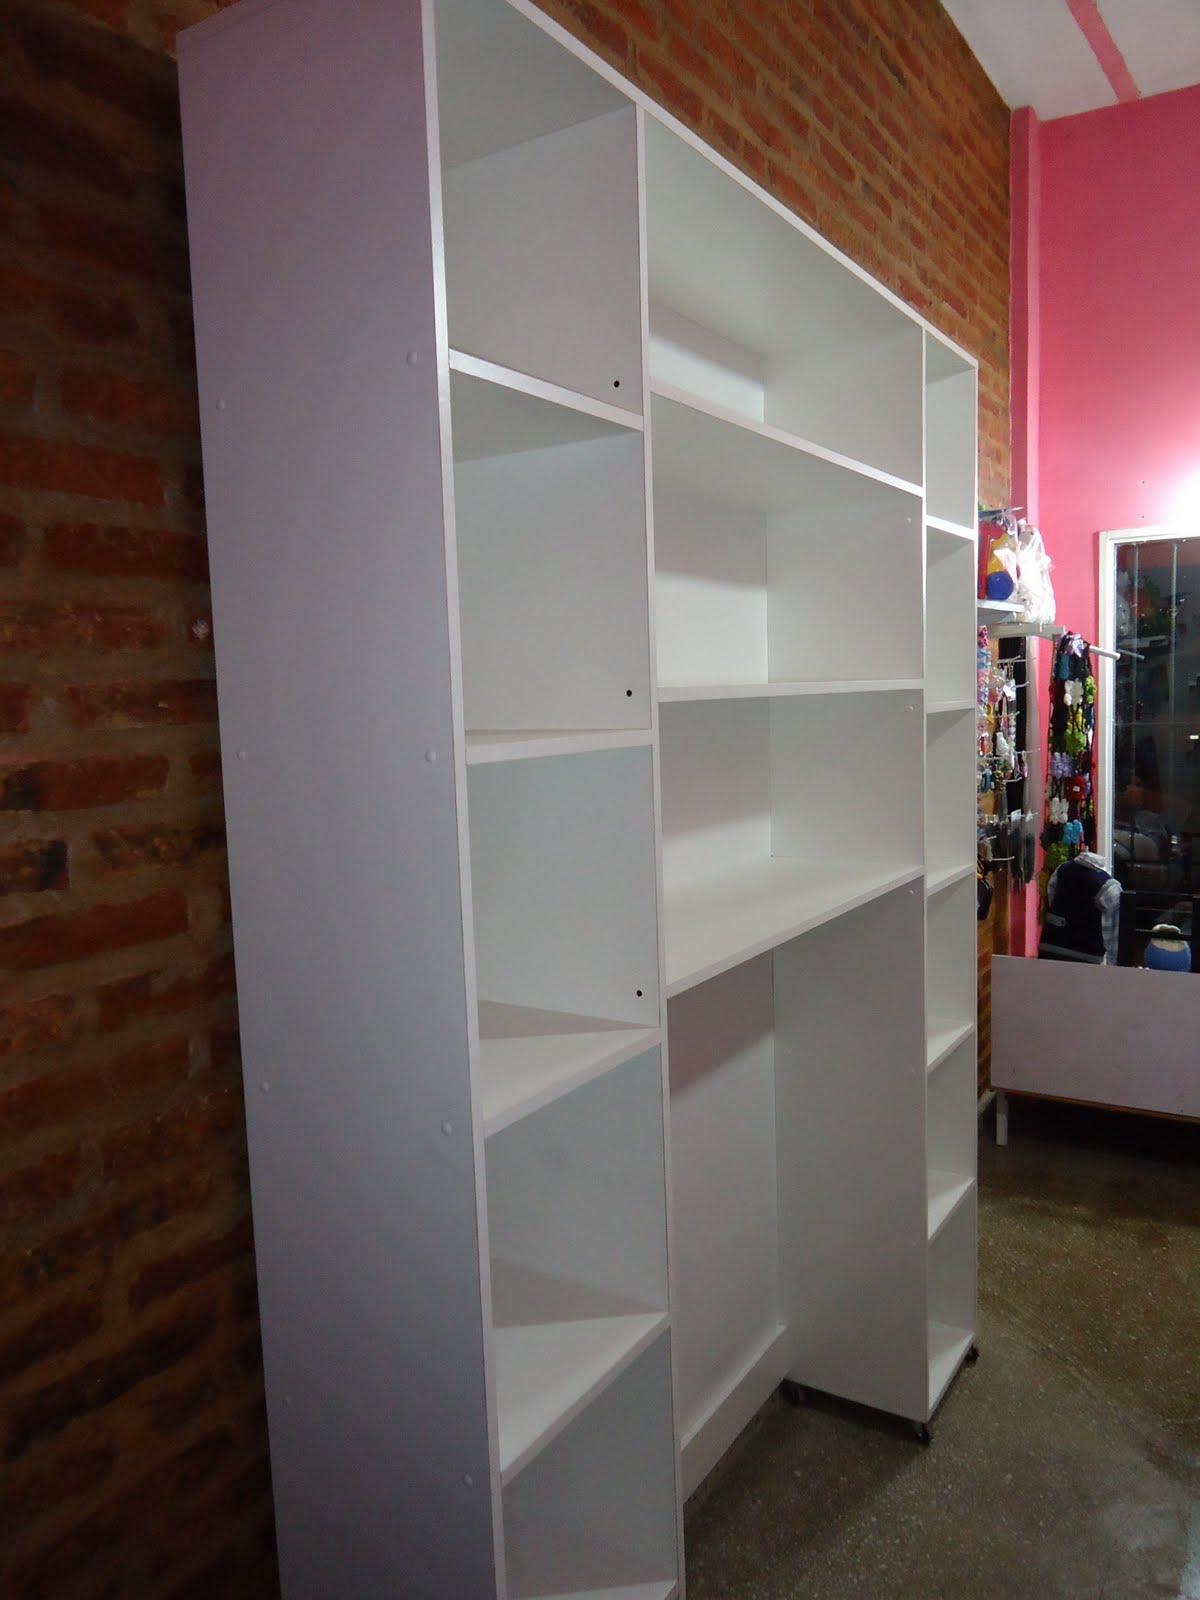 El detalle muebles dise ados a medida amoblamiento de for Muebles para ropa